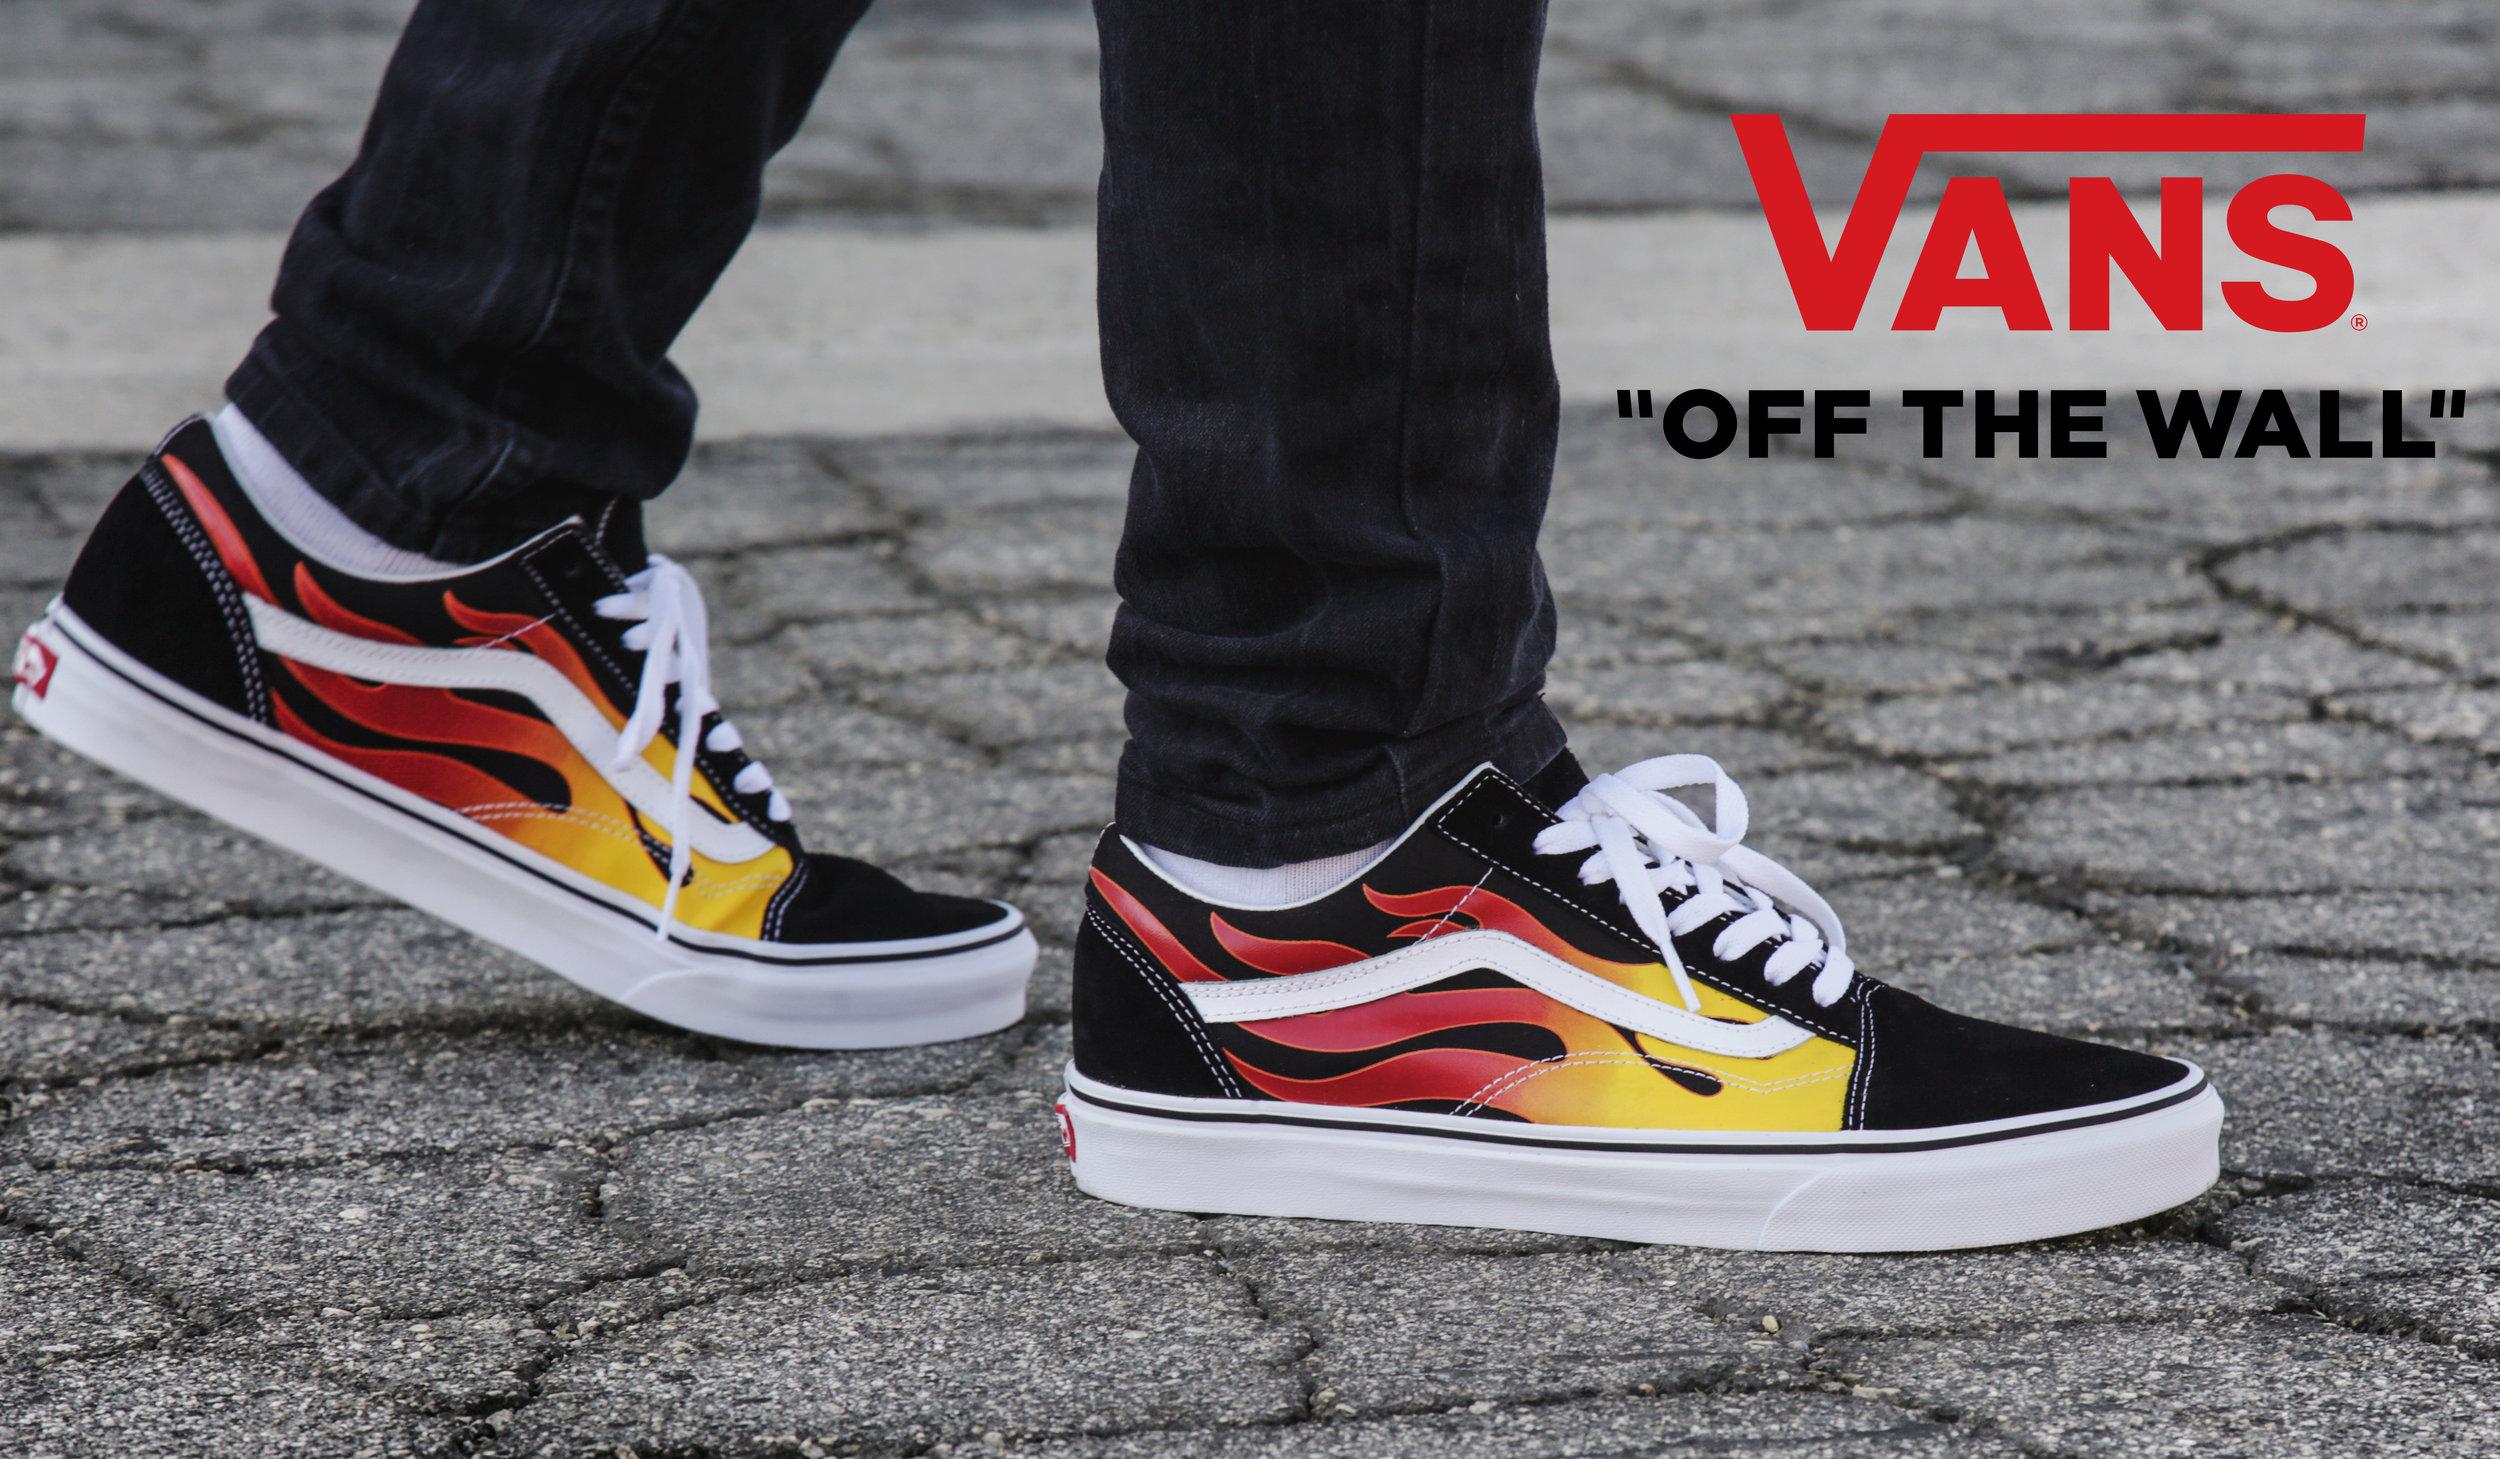 vans-flames-header2.jpg